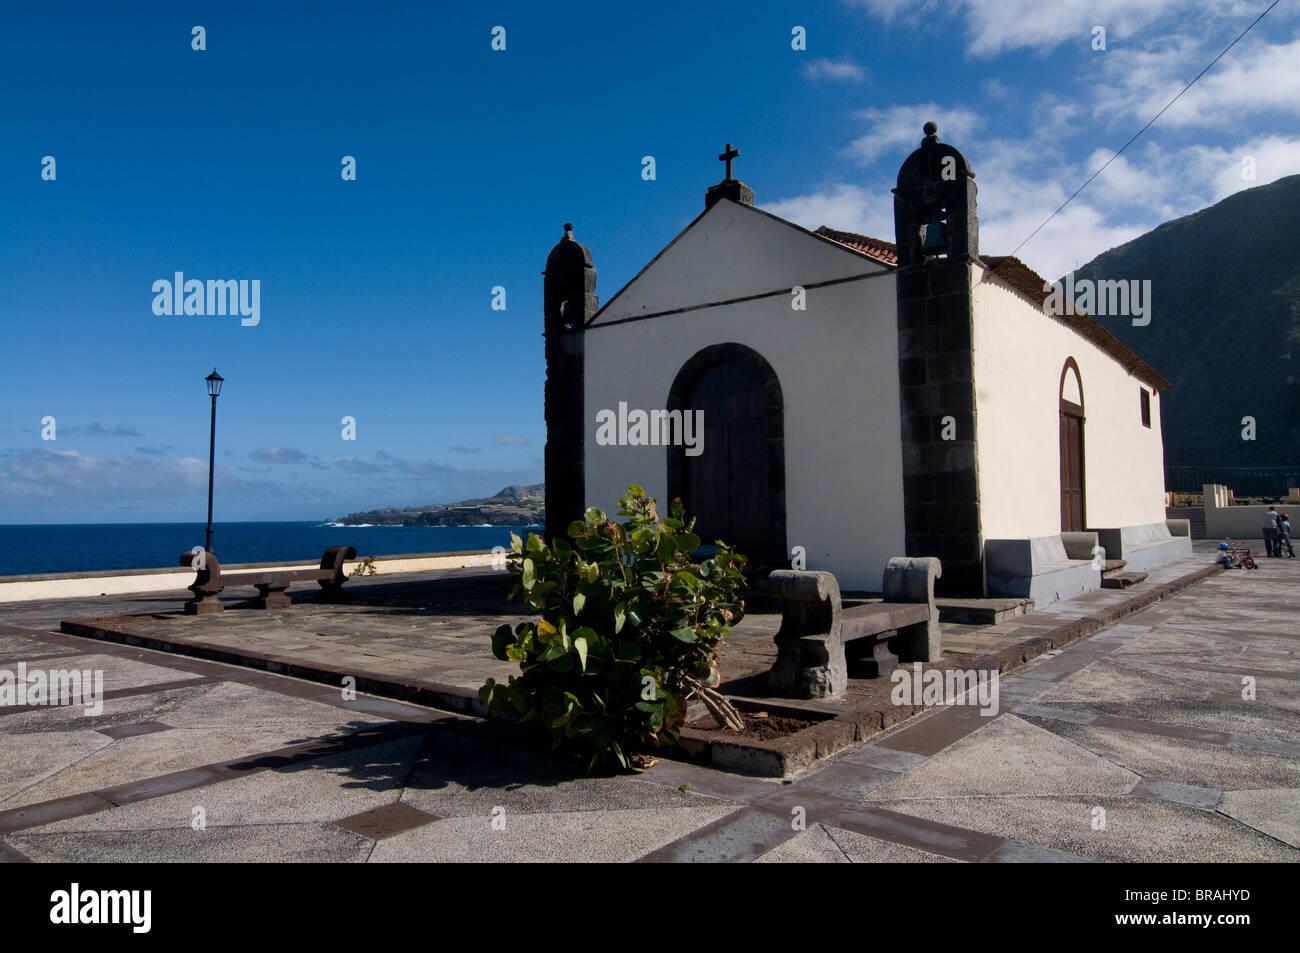 Kleine Kapelle in Garachico, Teneriffa, Kanarische Inseln, Spanien, Europa Stockfoto